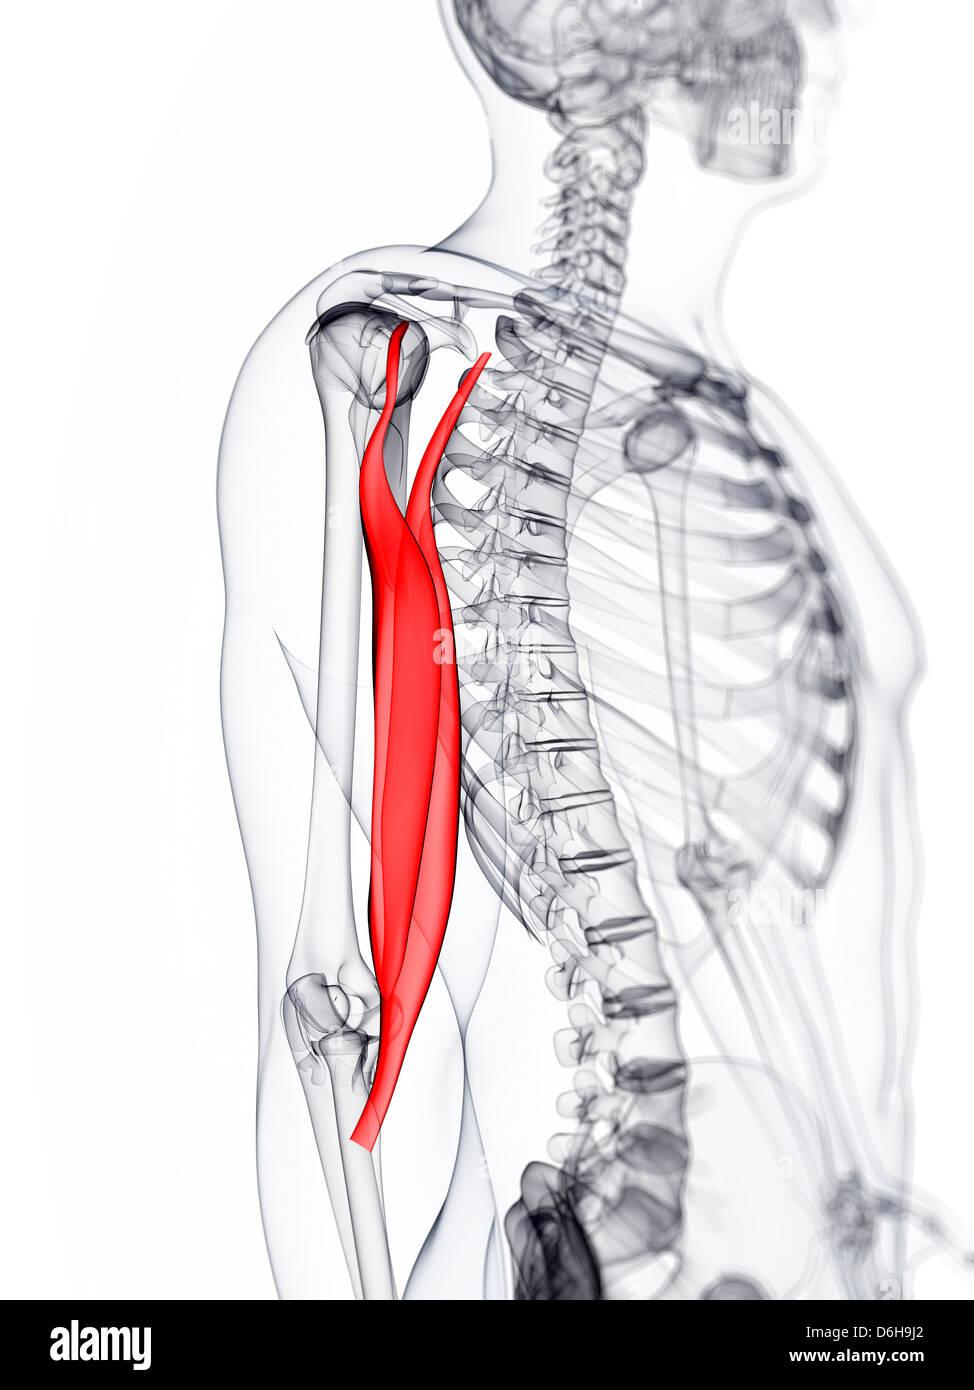 Fantastisch Anatomie Eines Muskels Zeitgenössisch - Menschliche ...